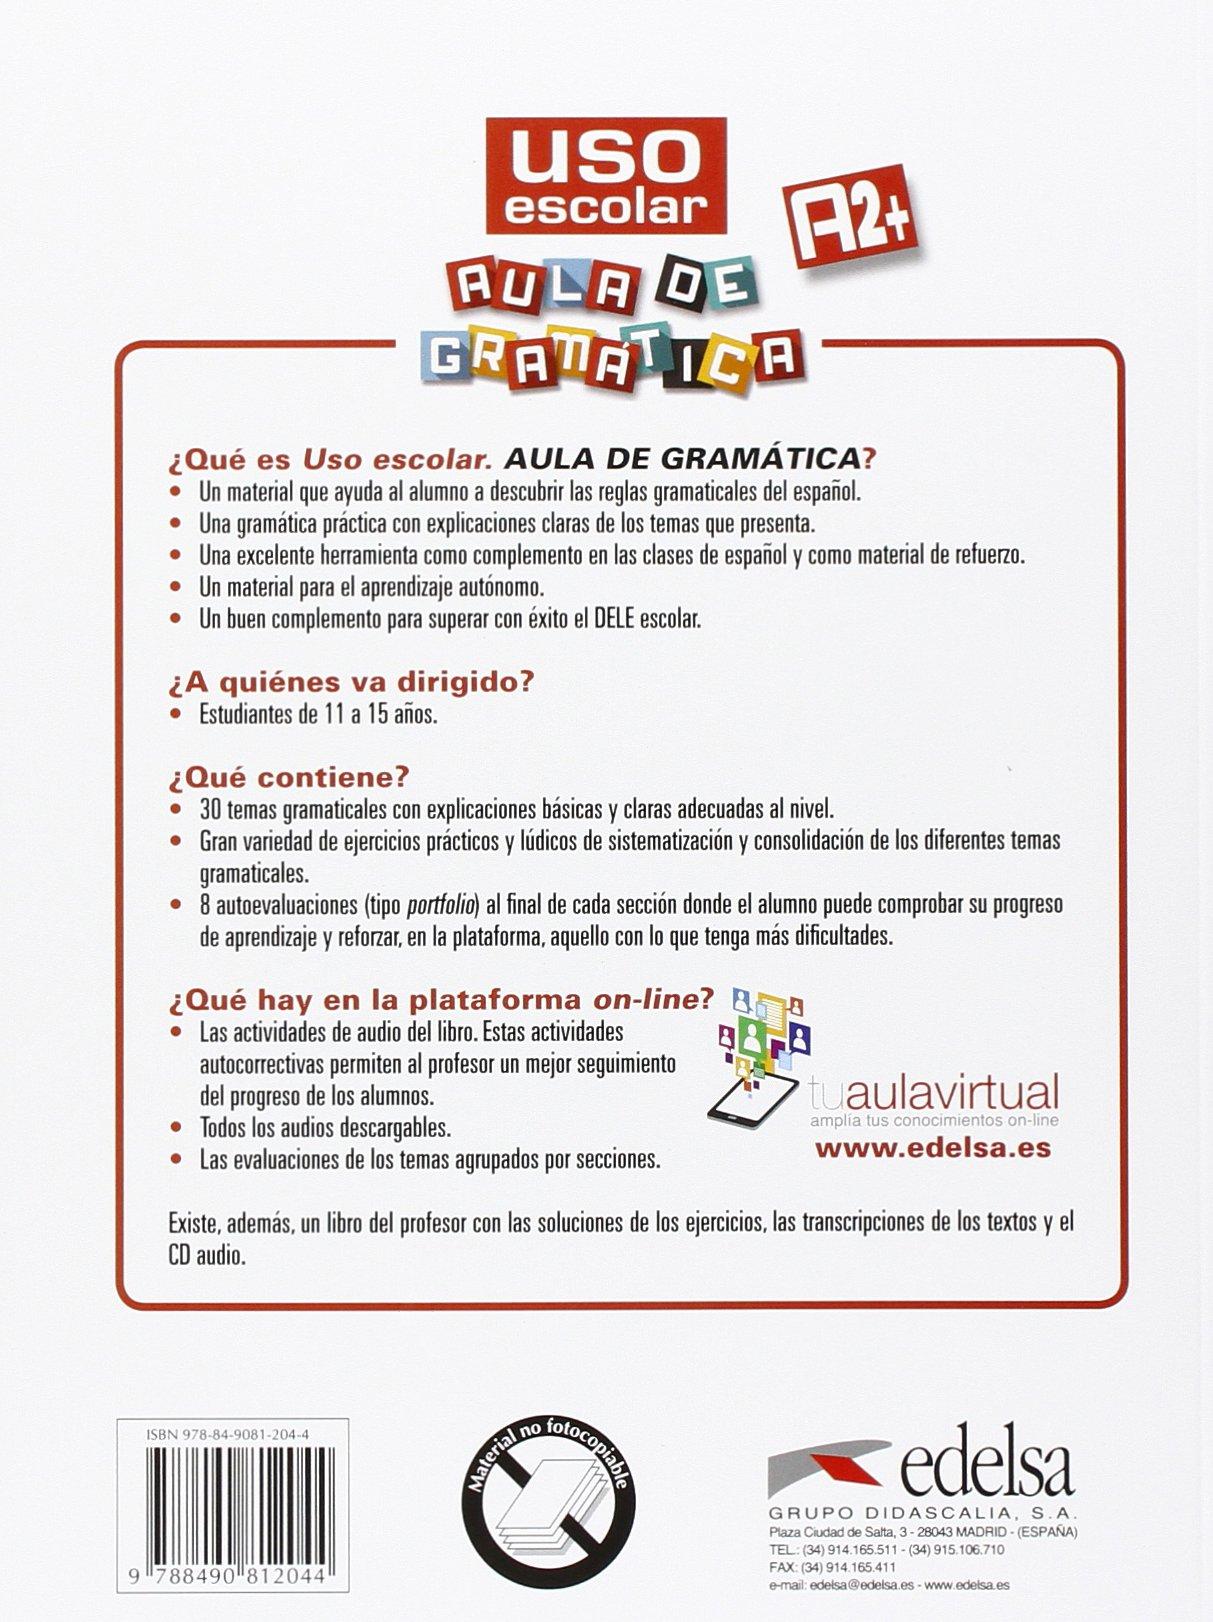 Uso escolar a2 aula de gramtica livros na amazon brasil uso escolar a2 aula de gramtica livros na amazon brasil 9788490812044 fandeluxe Image collections